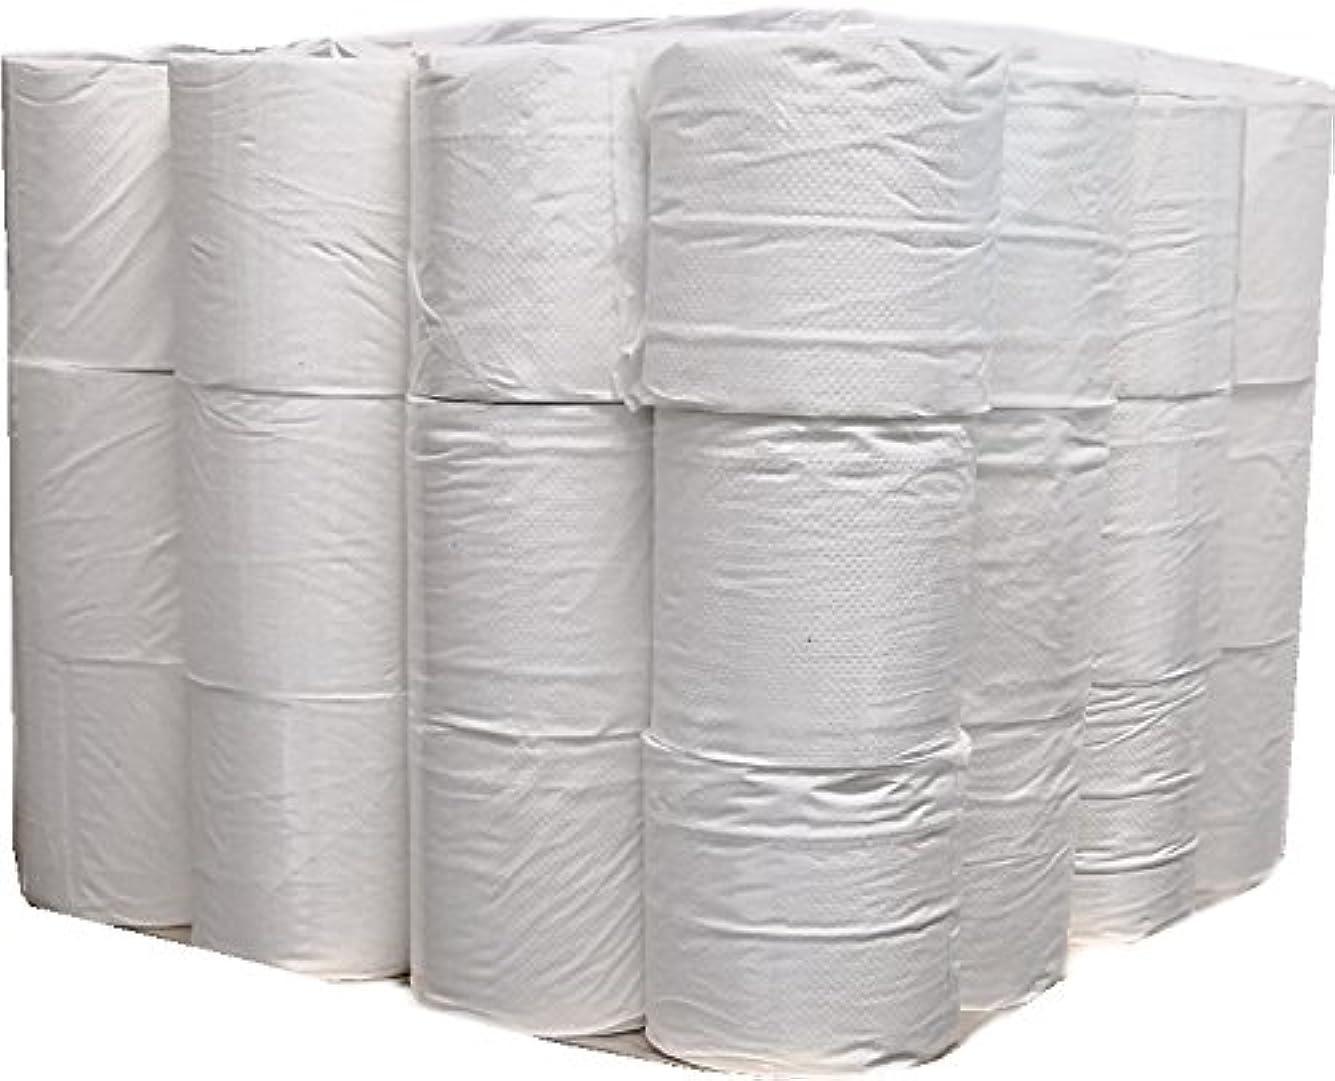 文房具アベニュー触手北國製紙所 トイレットペーパー シングル 48ロール(12ロールx4パック)